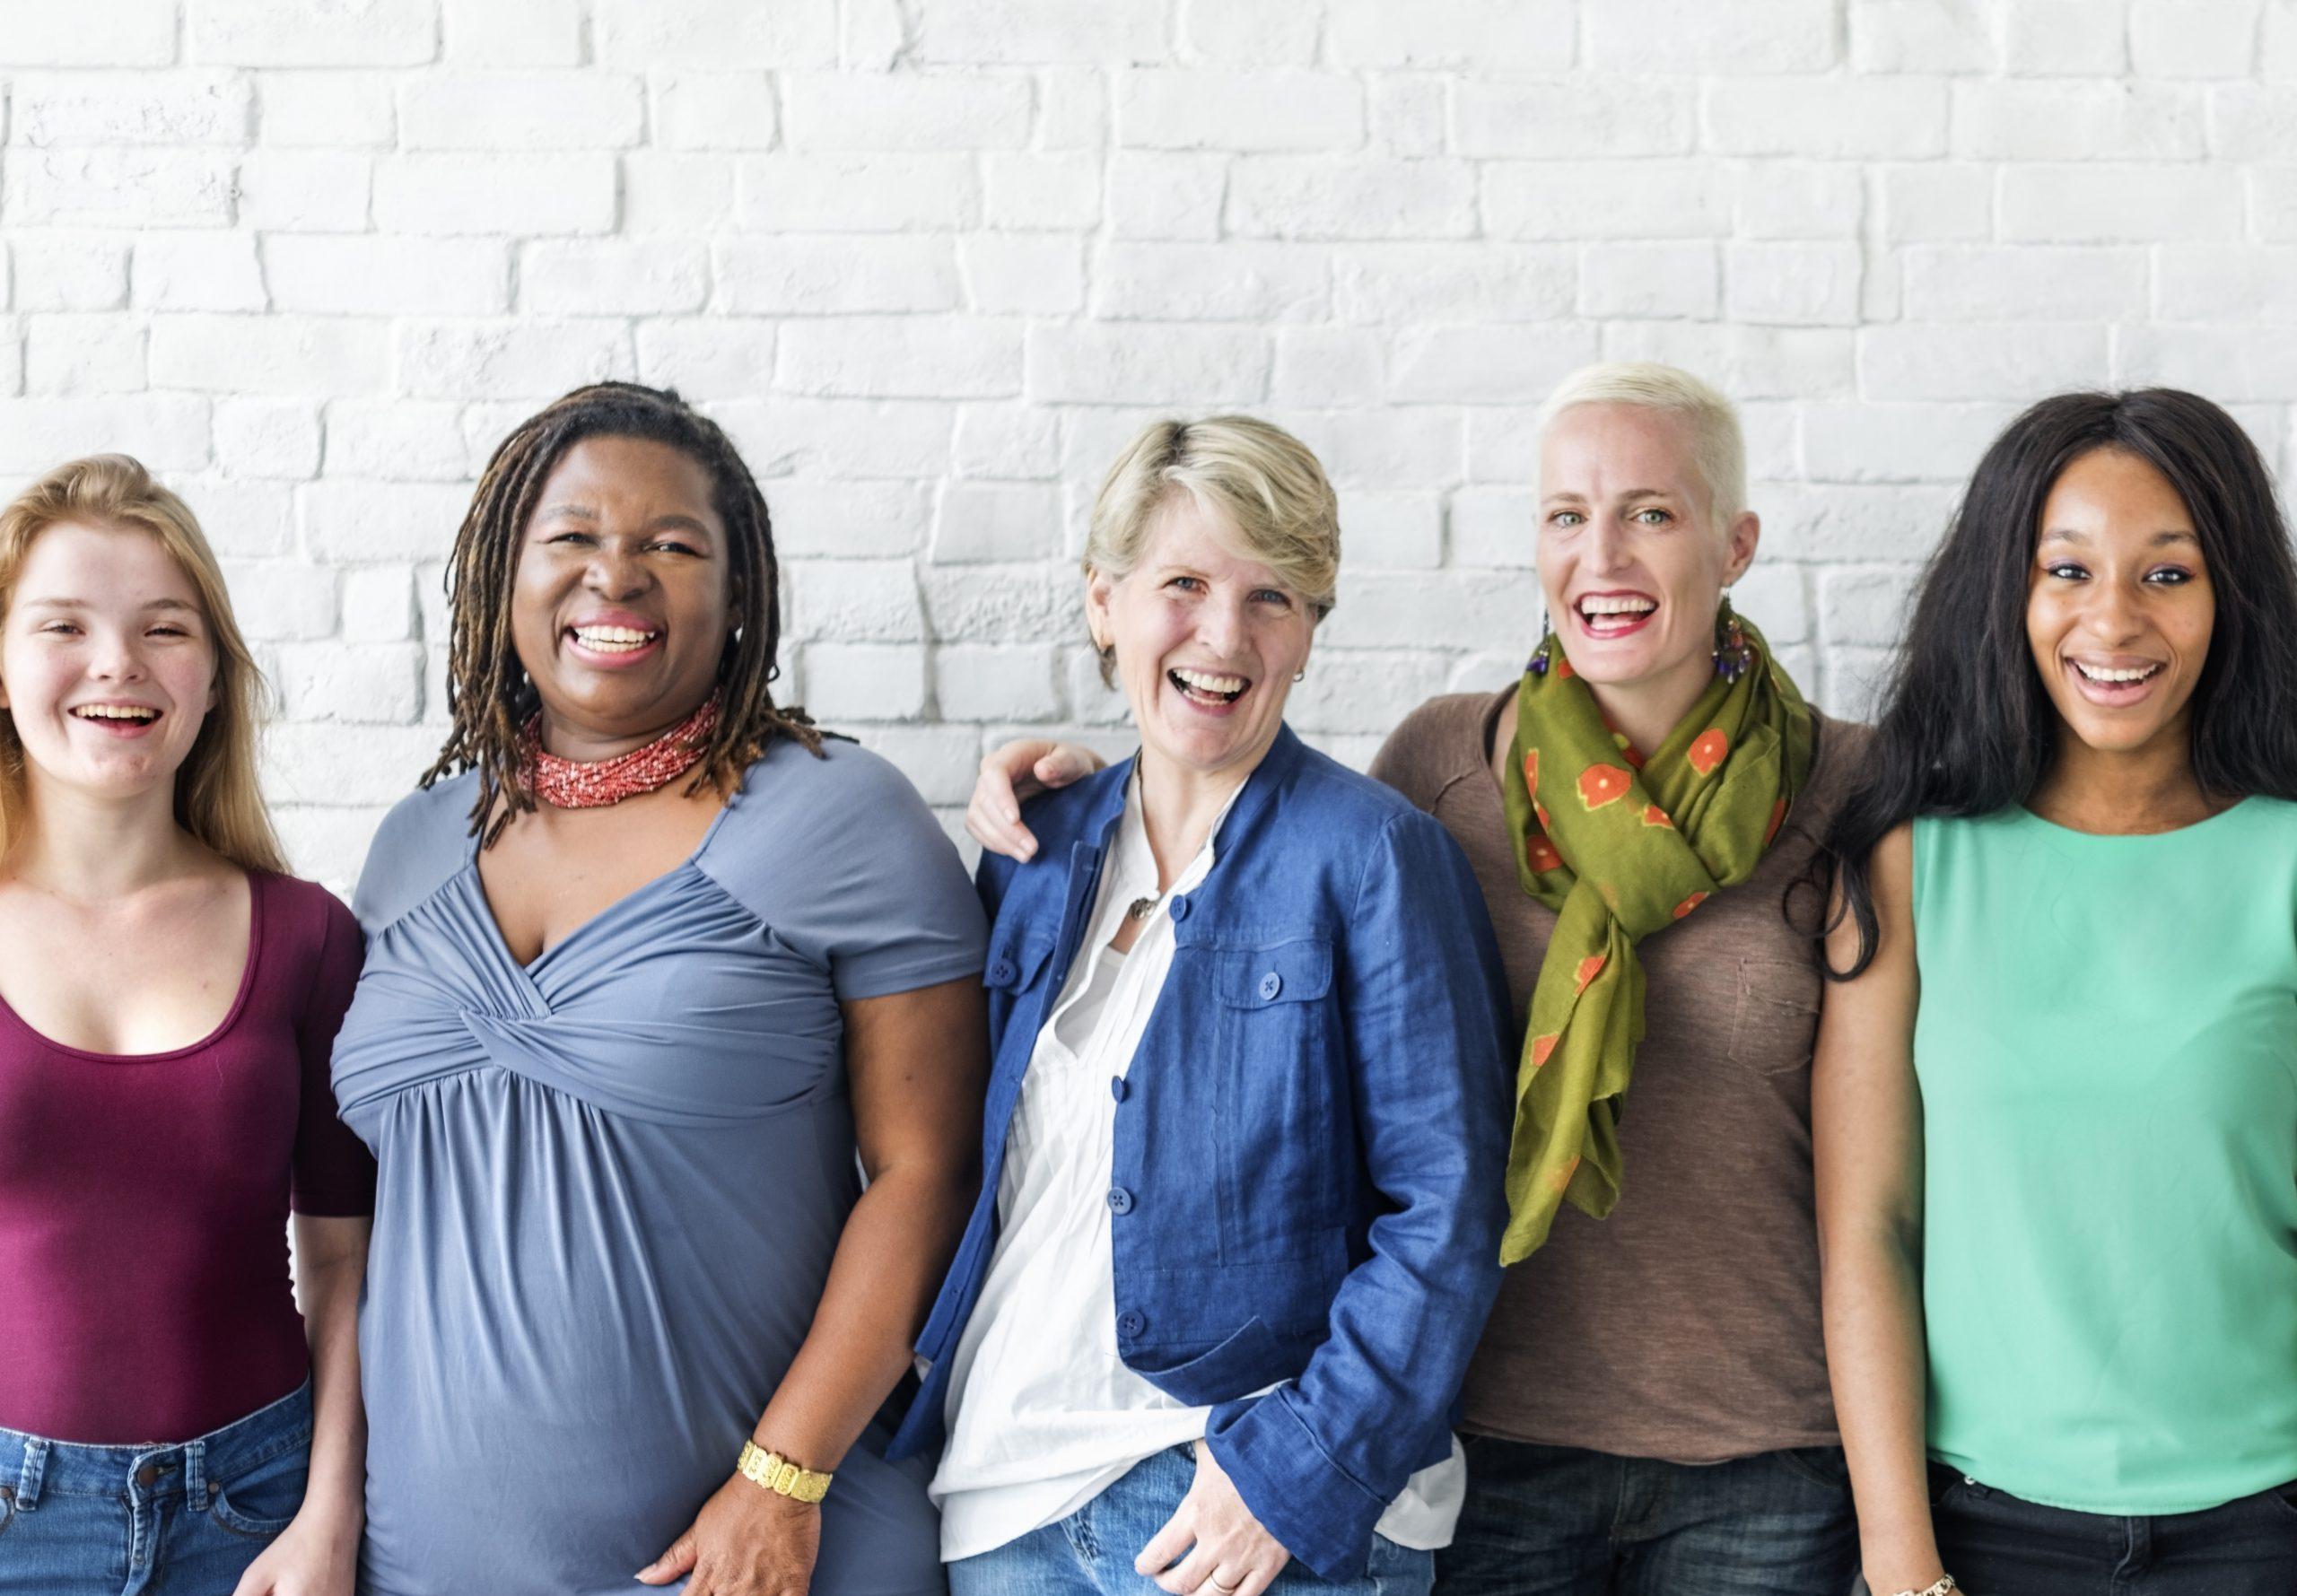 4 Essentials in Marketing to Women